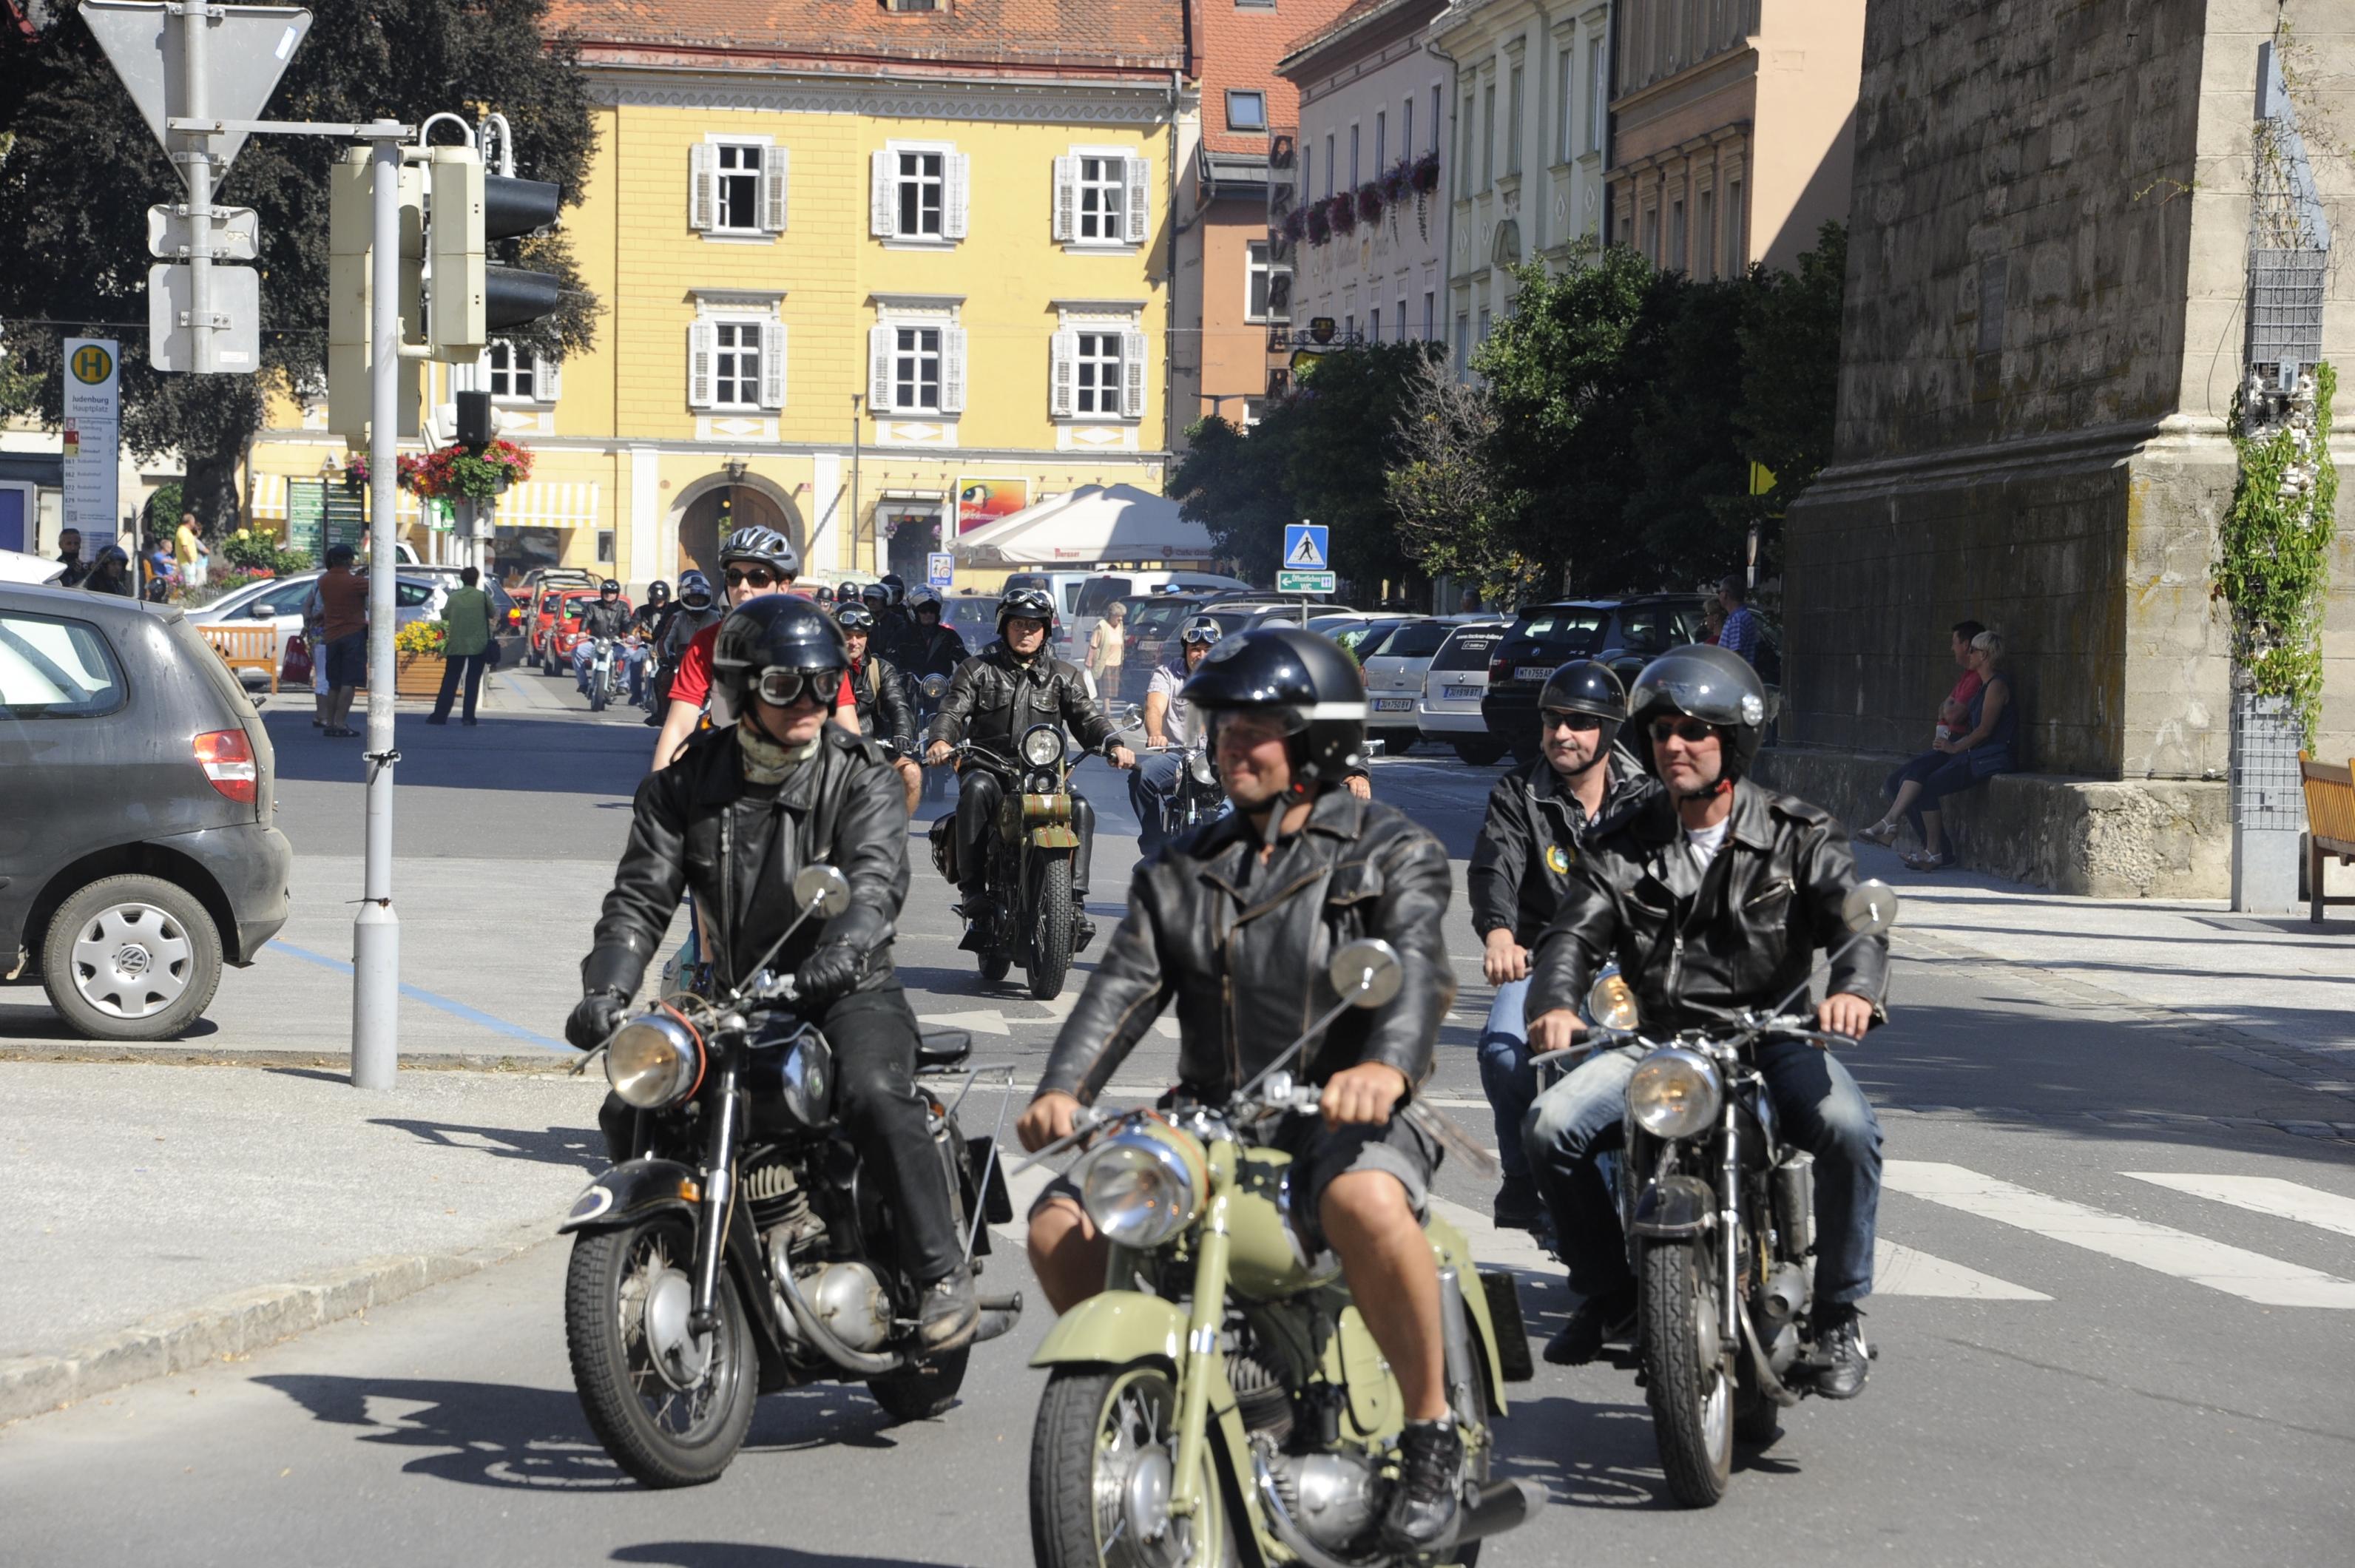 Kontaktanzeigen Judenburg | Locanto Dating Judenburg